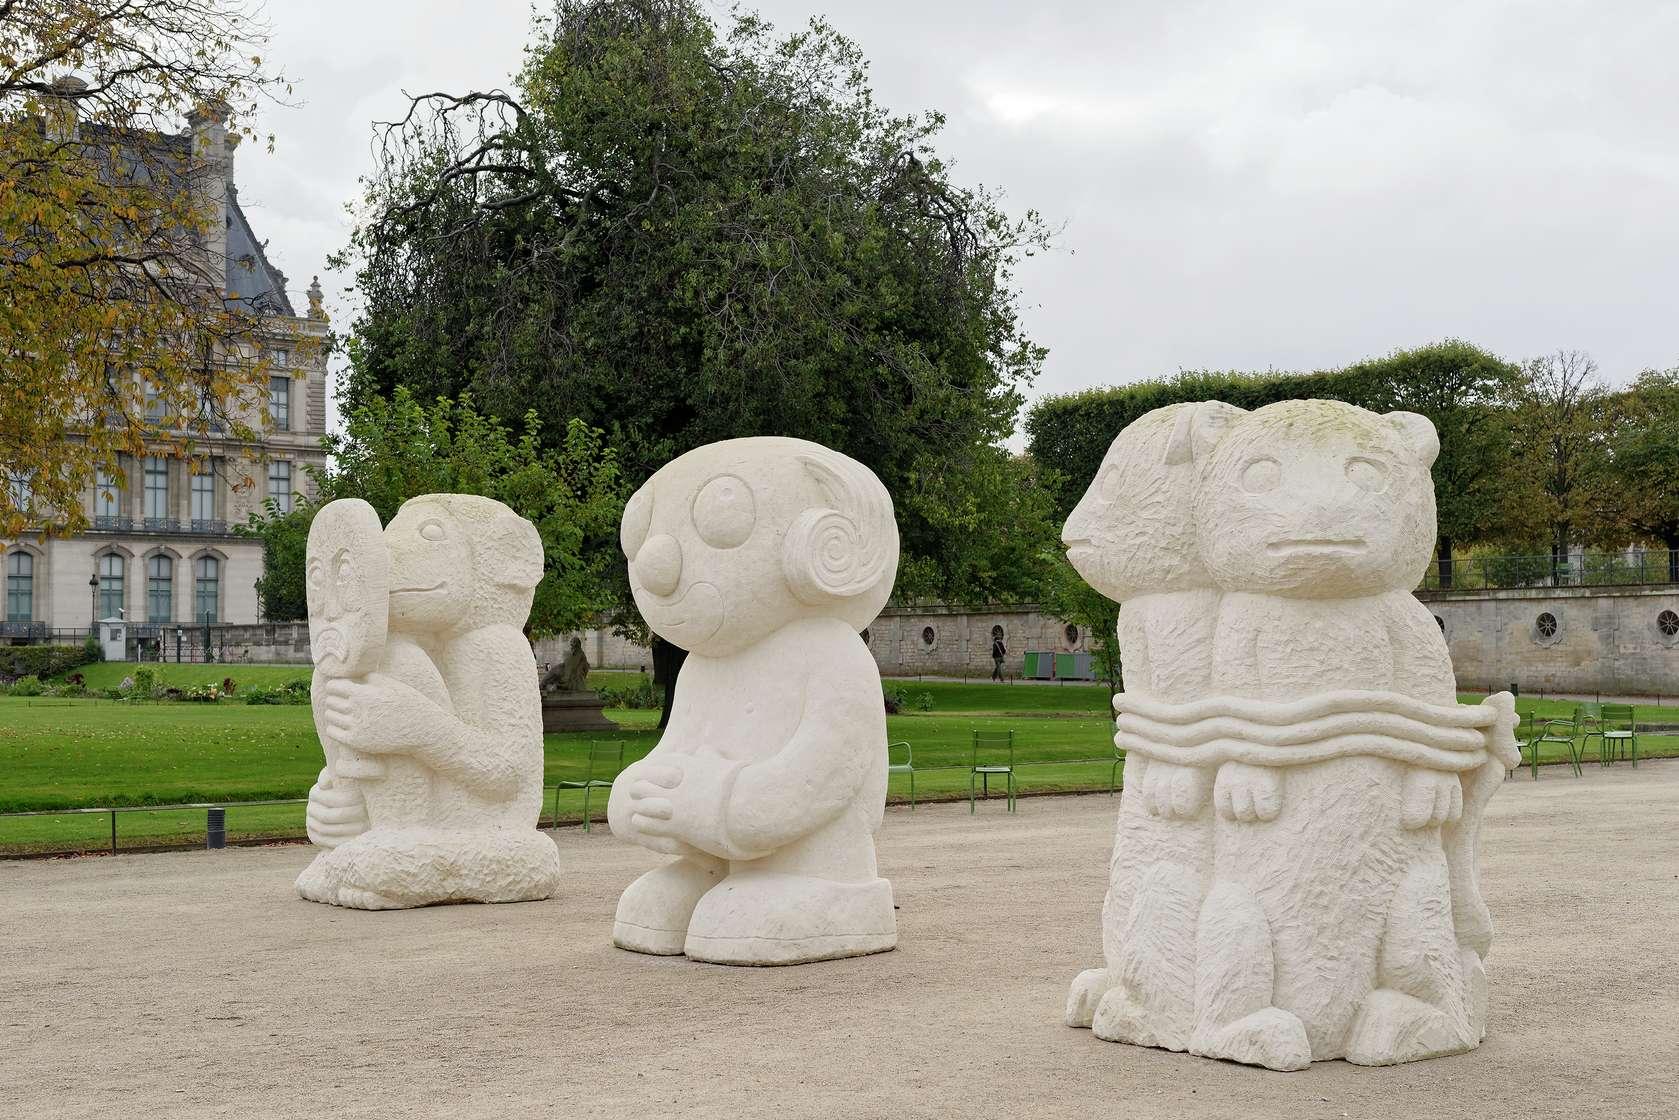 Stefan Rinck, Les statues meurent aussi, 2017 Pierre calcaire250 × 145 × 140 cm / 98 3/8 × 57 1/8 × 55 1/8 in.